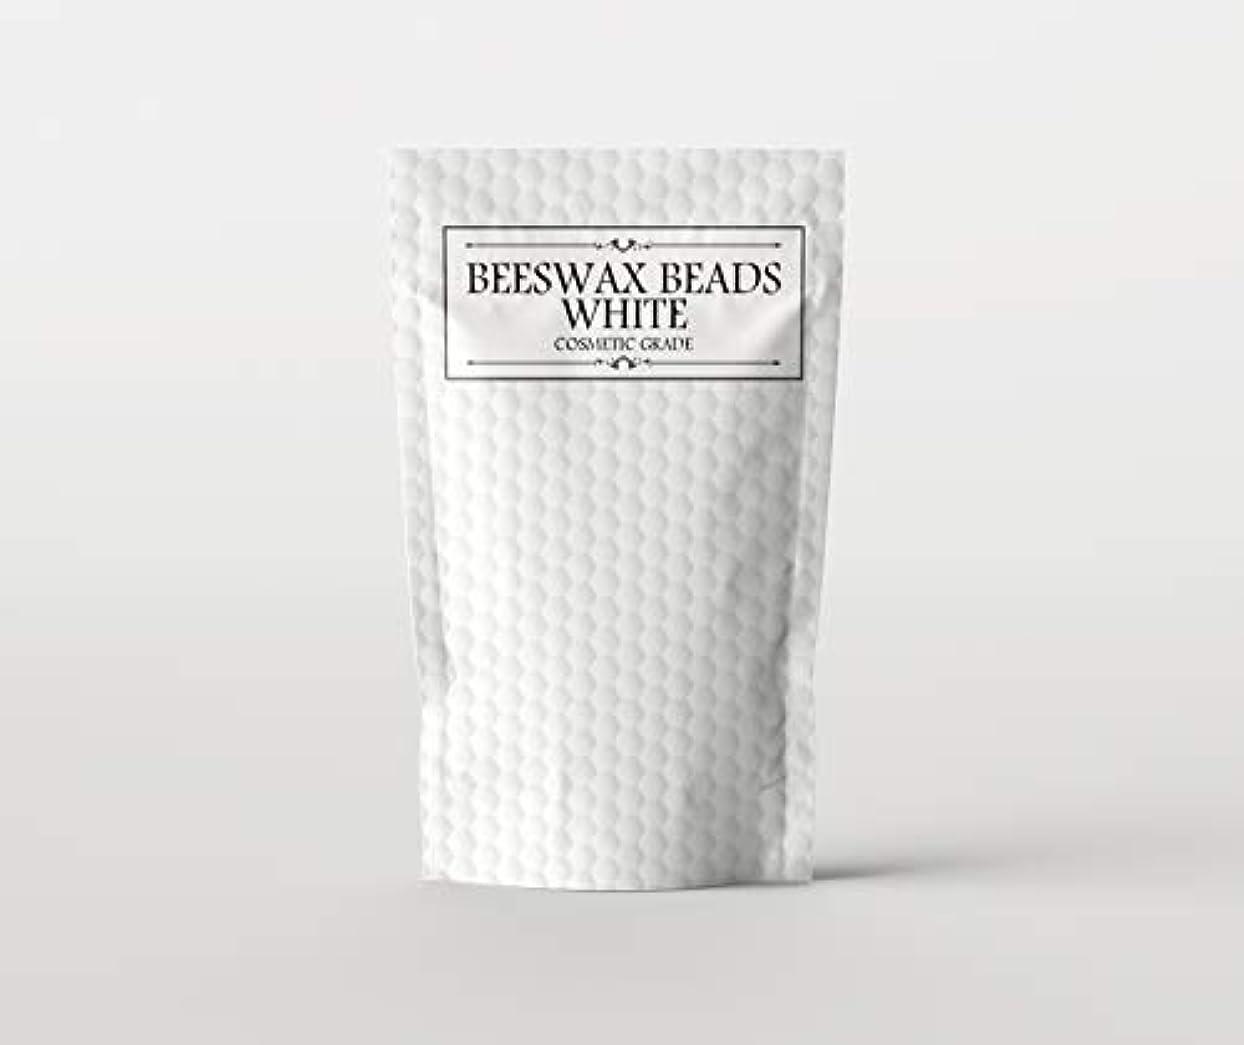 インフルエンザランプ女将Beeswax Beads White - Cosmetic Grade - 1Kg